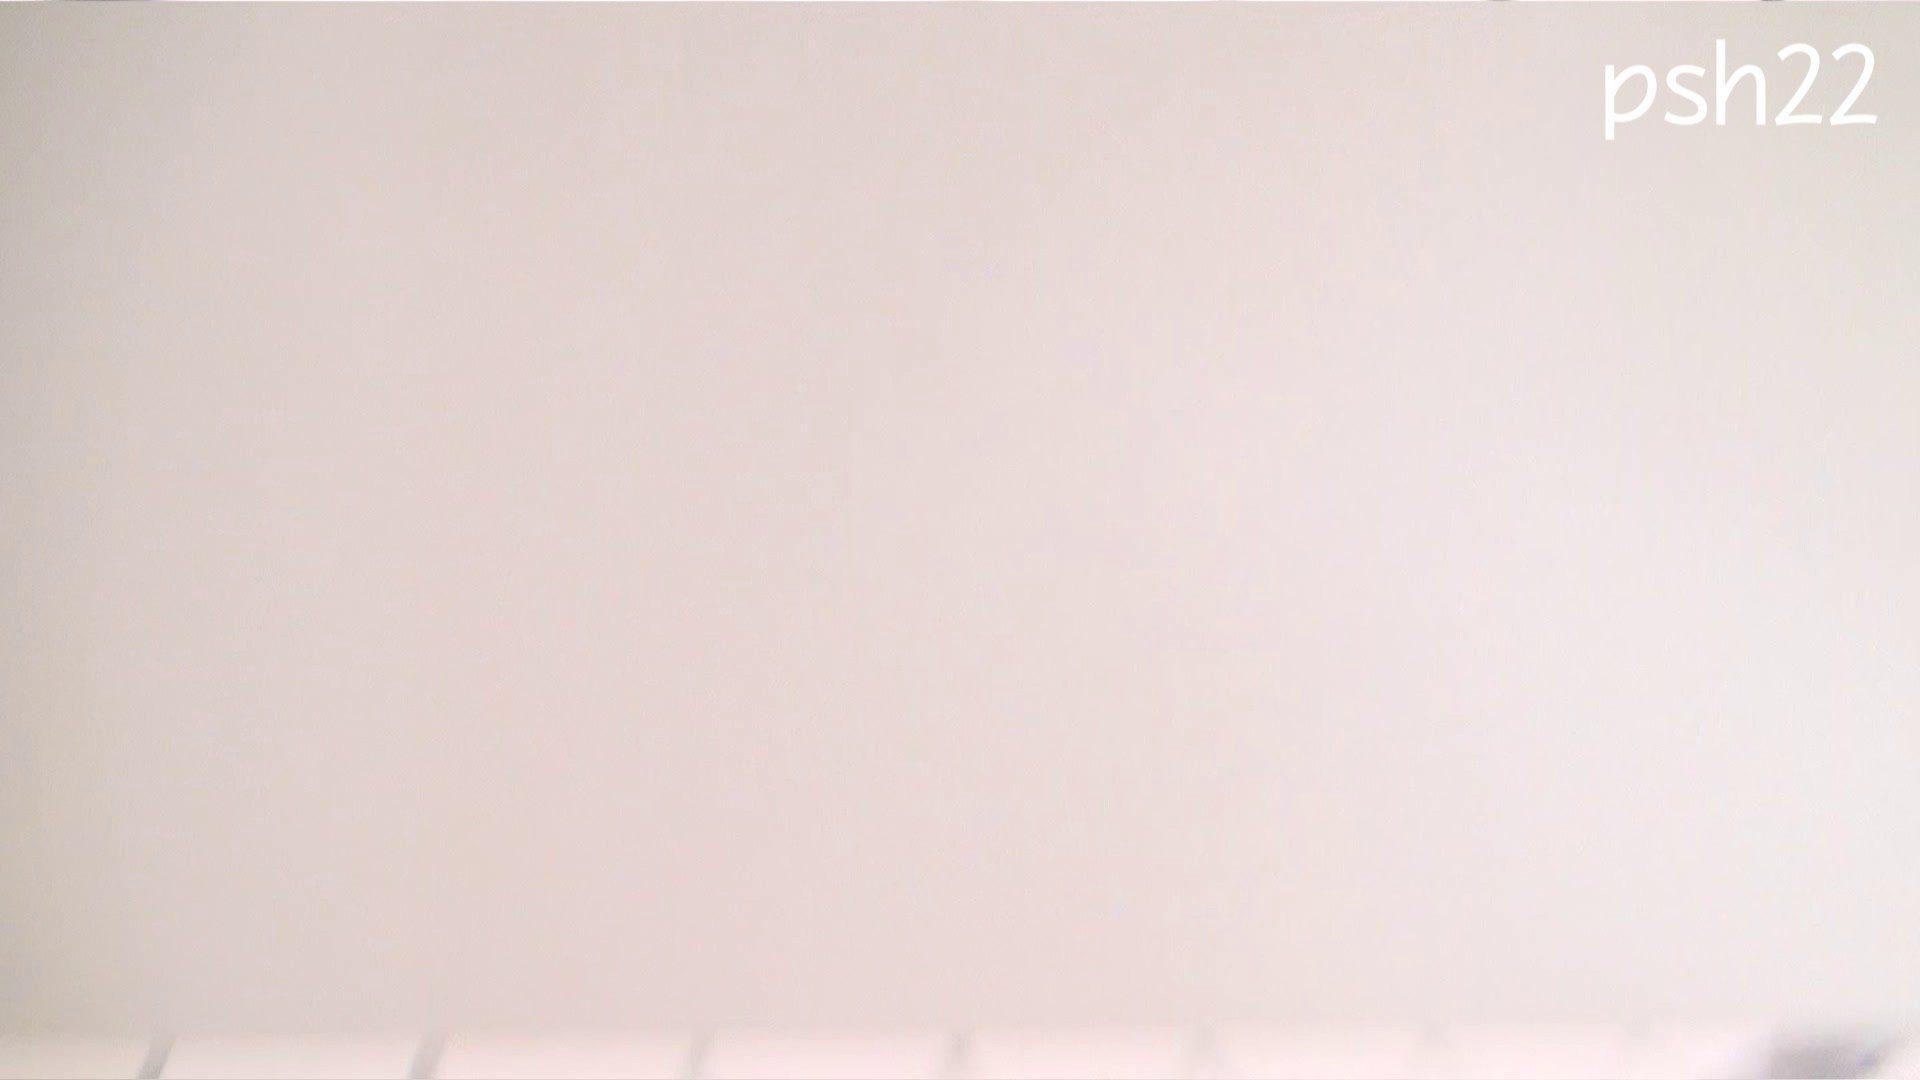 ▲復活限定▲ハイビジョン 盗神伝 Vol.22 色っぽいOL達  66pic 14